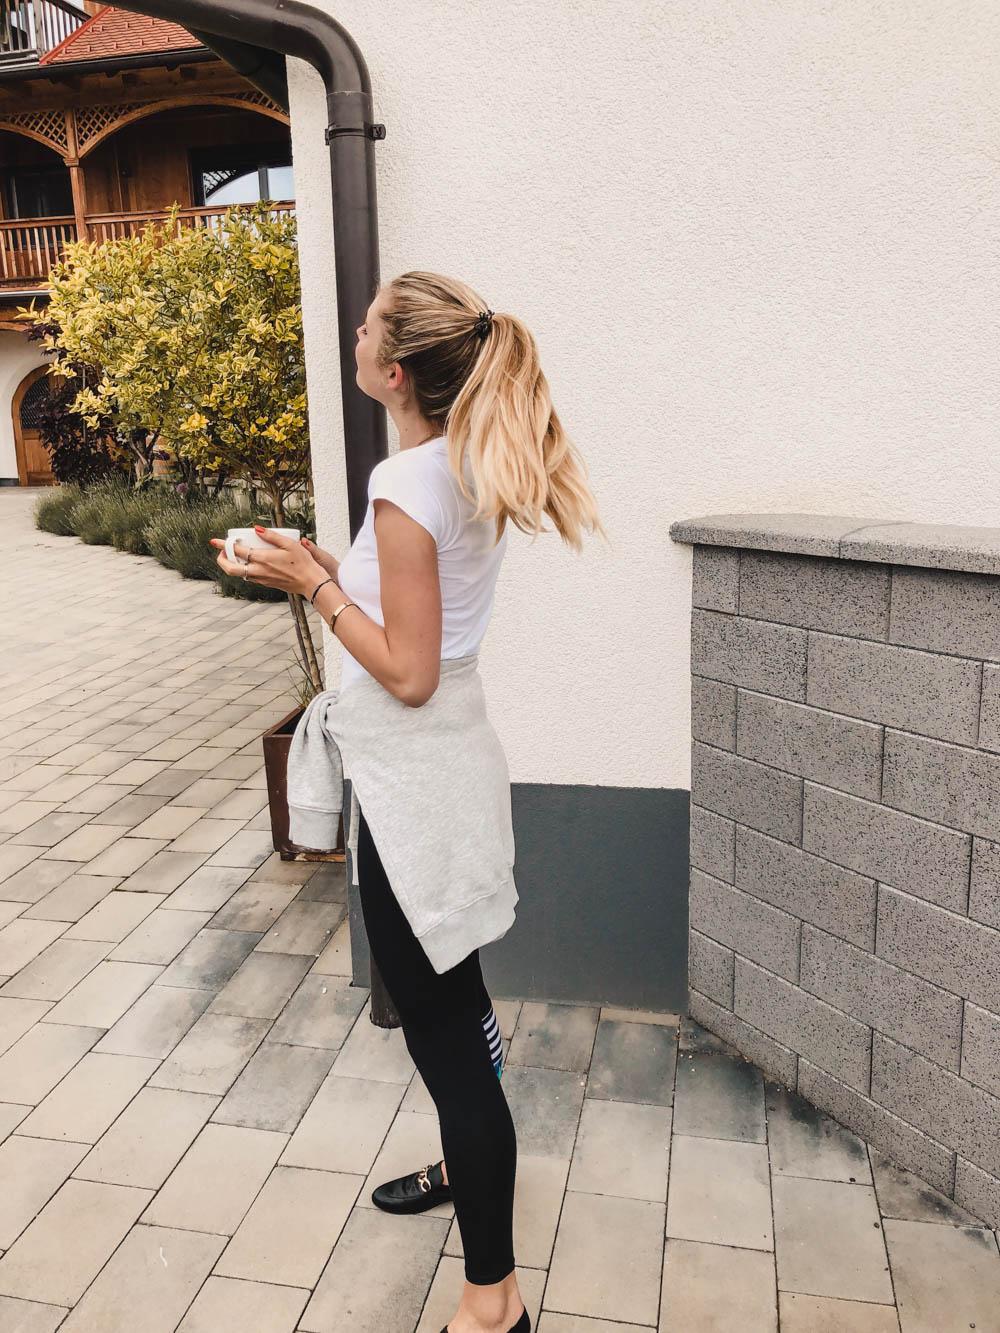 Life Update #11: Positives Denken & neue Ziele auf dem österreichischen Lifestyle Blog Bits and Bobs by Eva. Mehr persönliche Gedanken auf www.bitsandbobsbyeva.com